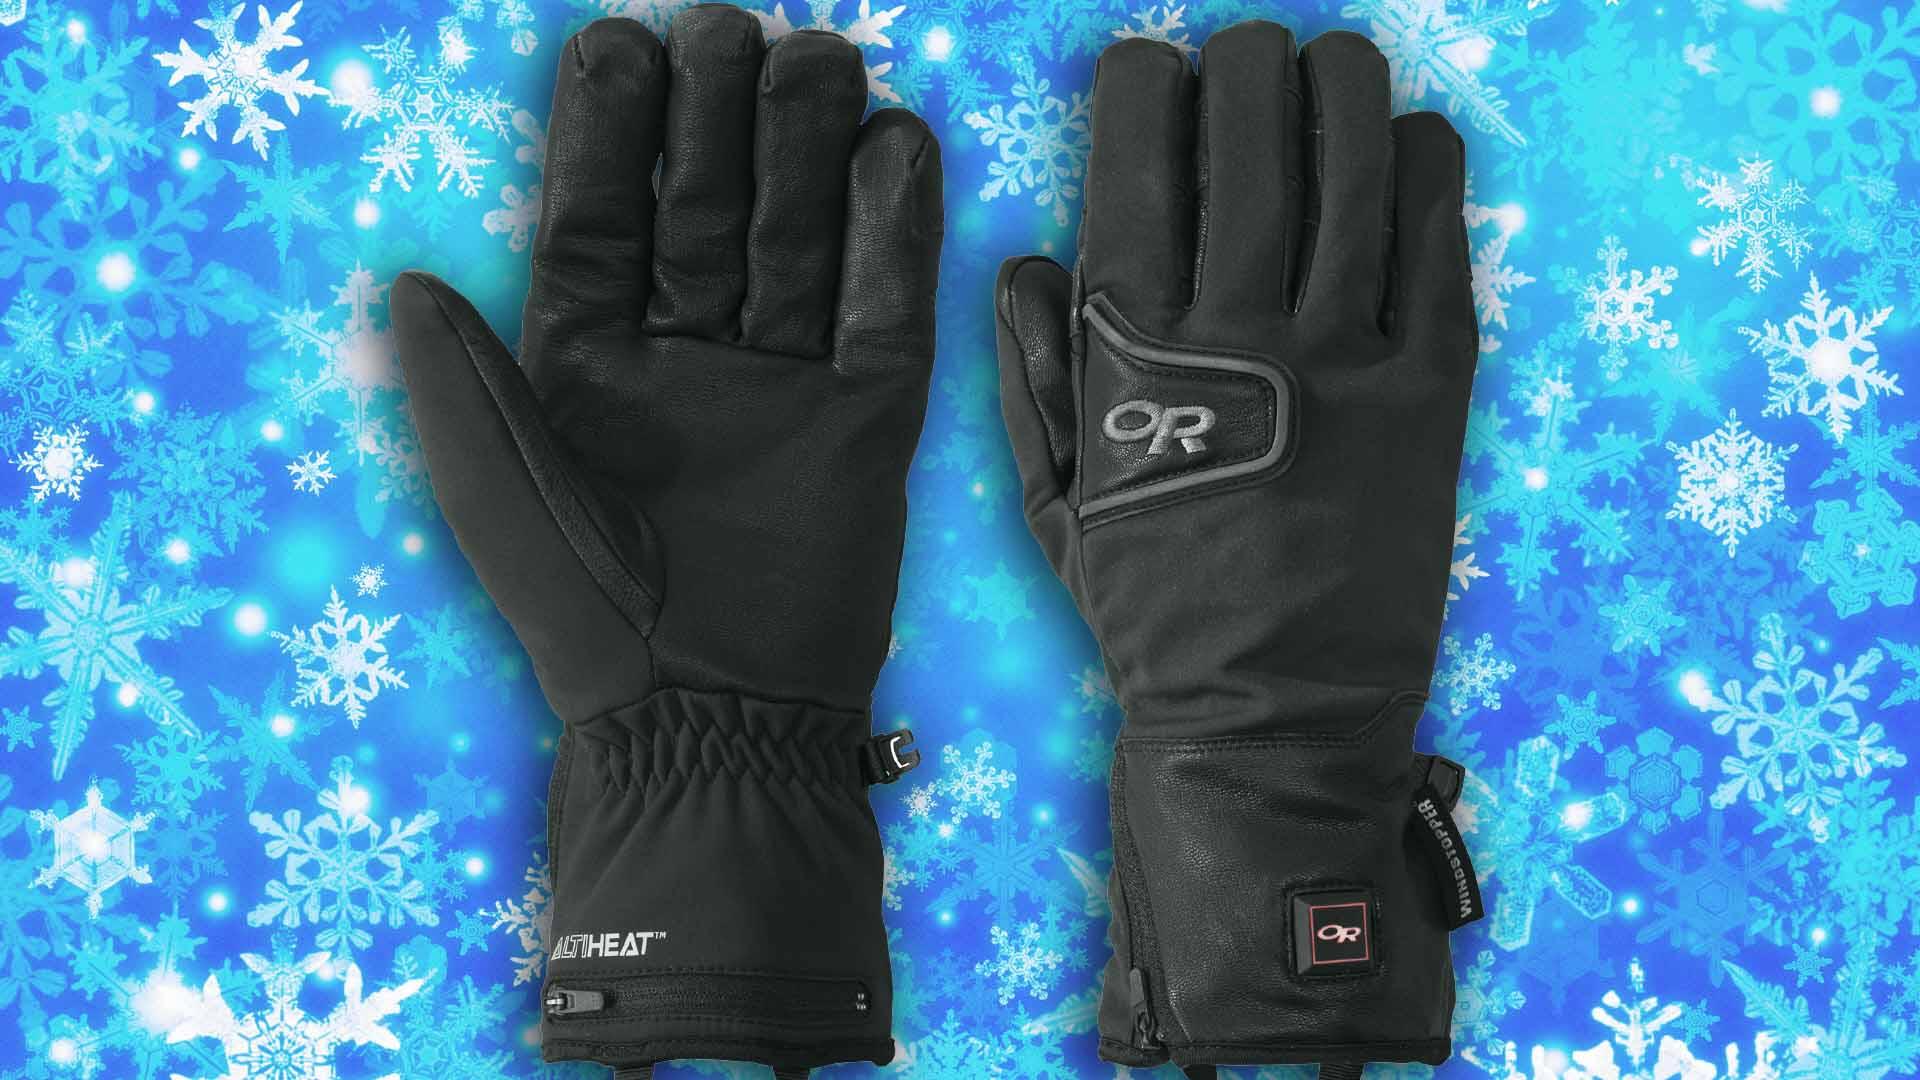 Η εταιρία αυτή φτιάχνει μερικά από τα πιο ζεστά και ασφαλή γάντια στον  κόσμο αλλά το θερμαινόμενο Stormtracker είναι σίγουρα ένα από τα πιο  εντυπωσιακά που ... 23eccf391ac